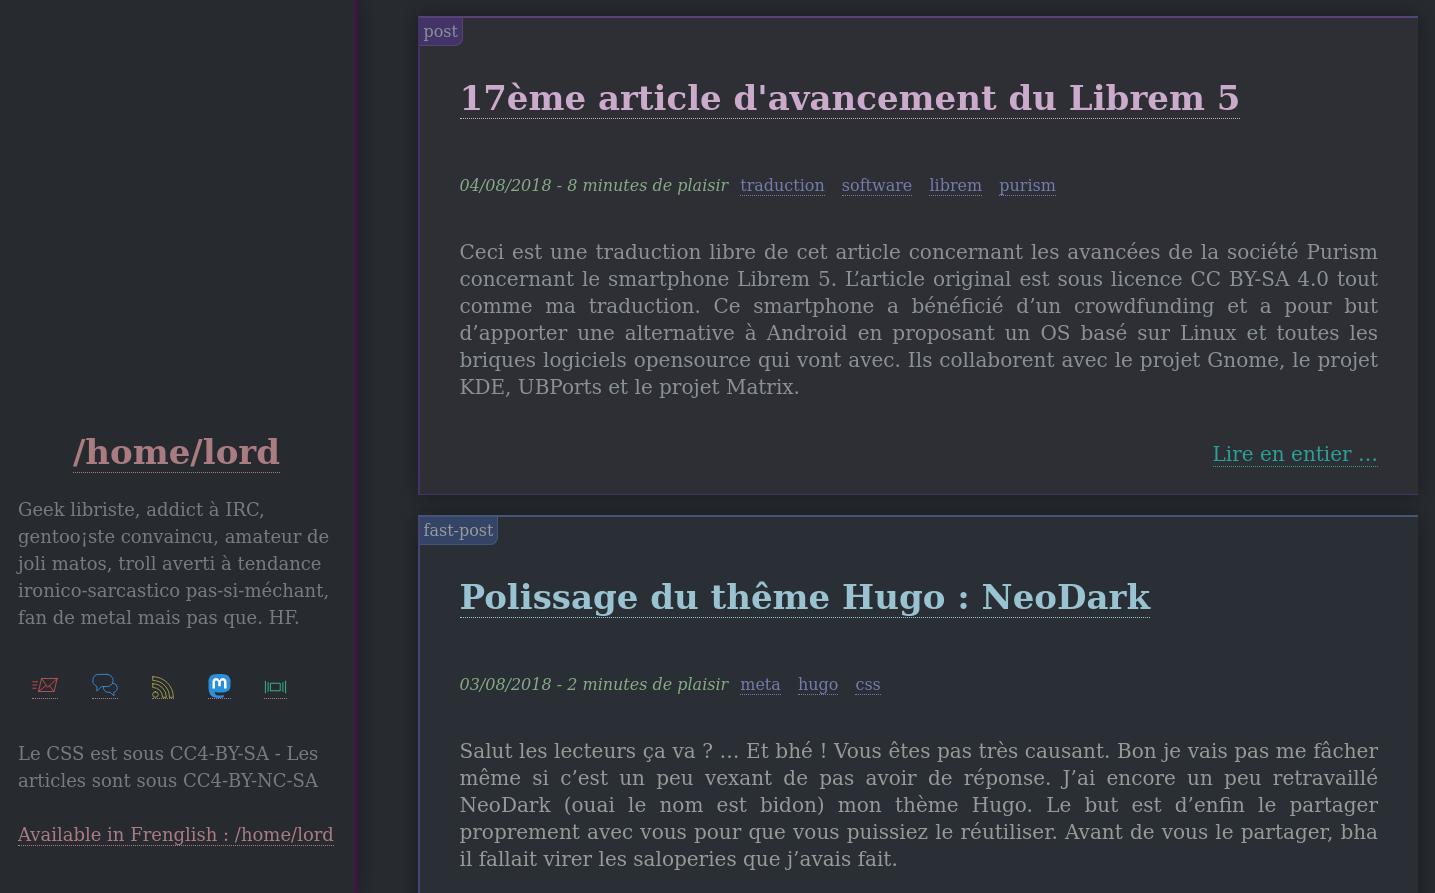 Très semblable au précédent, il y a désormais les icônes en SVG dans le menu de gauche et quelques couleurs supplémentaires sur les articles